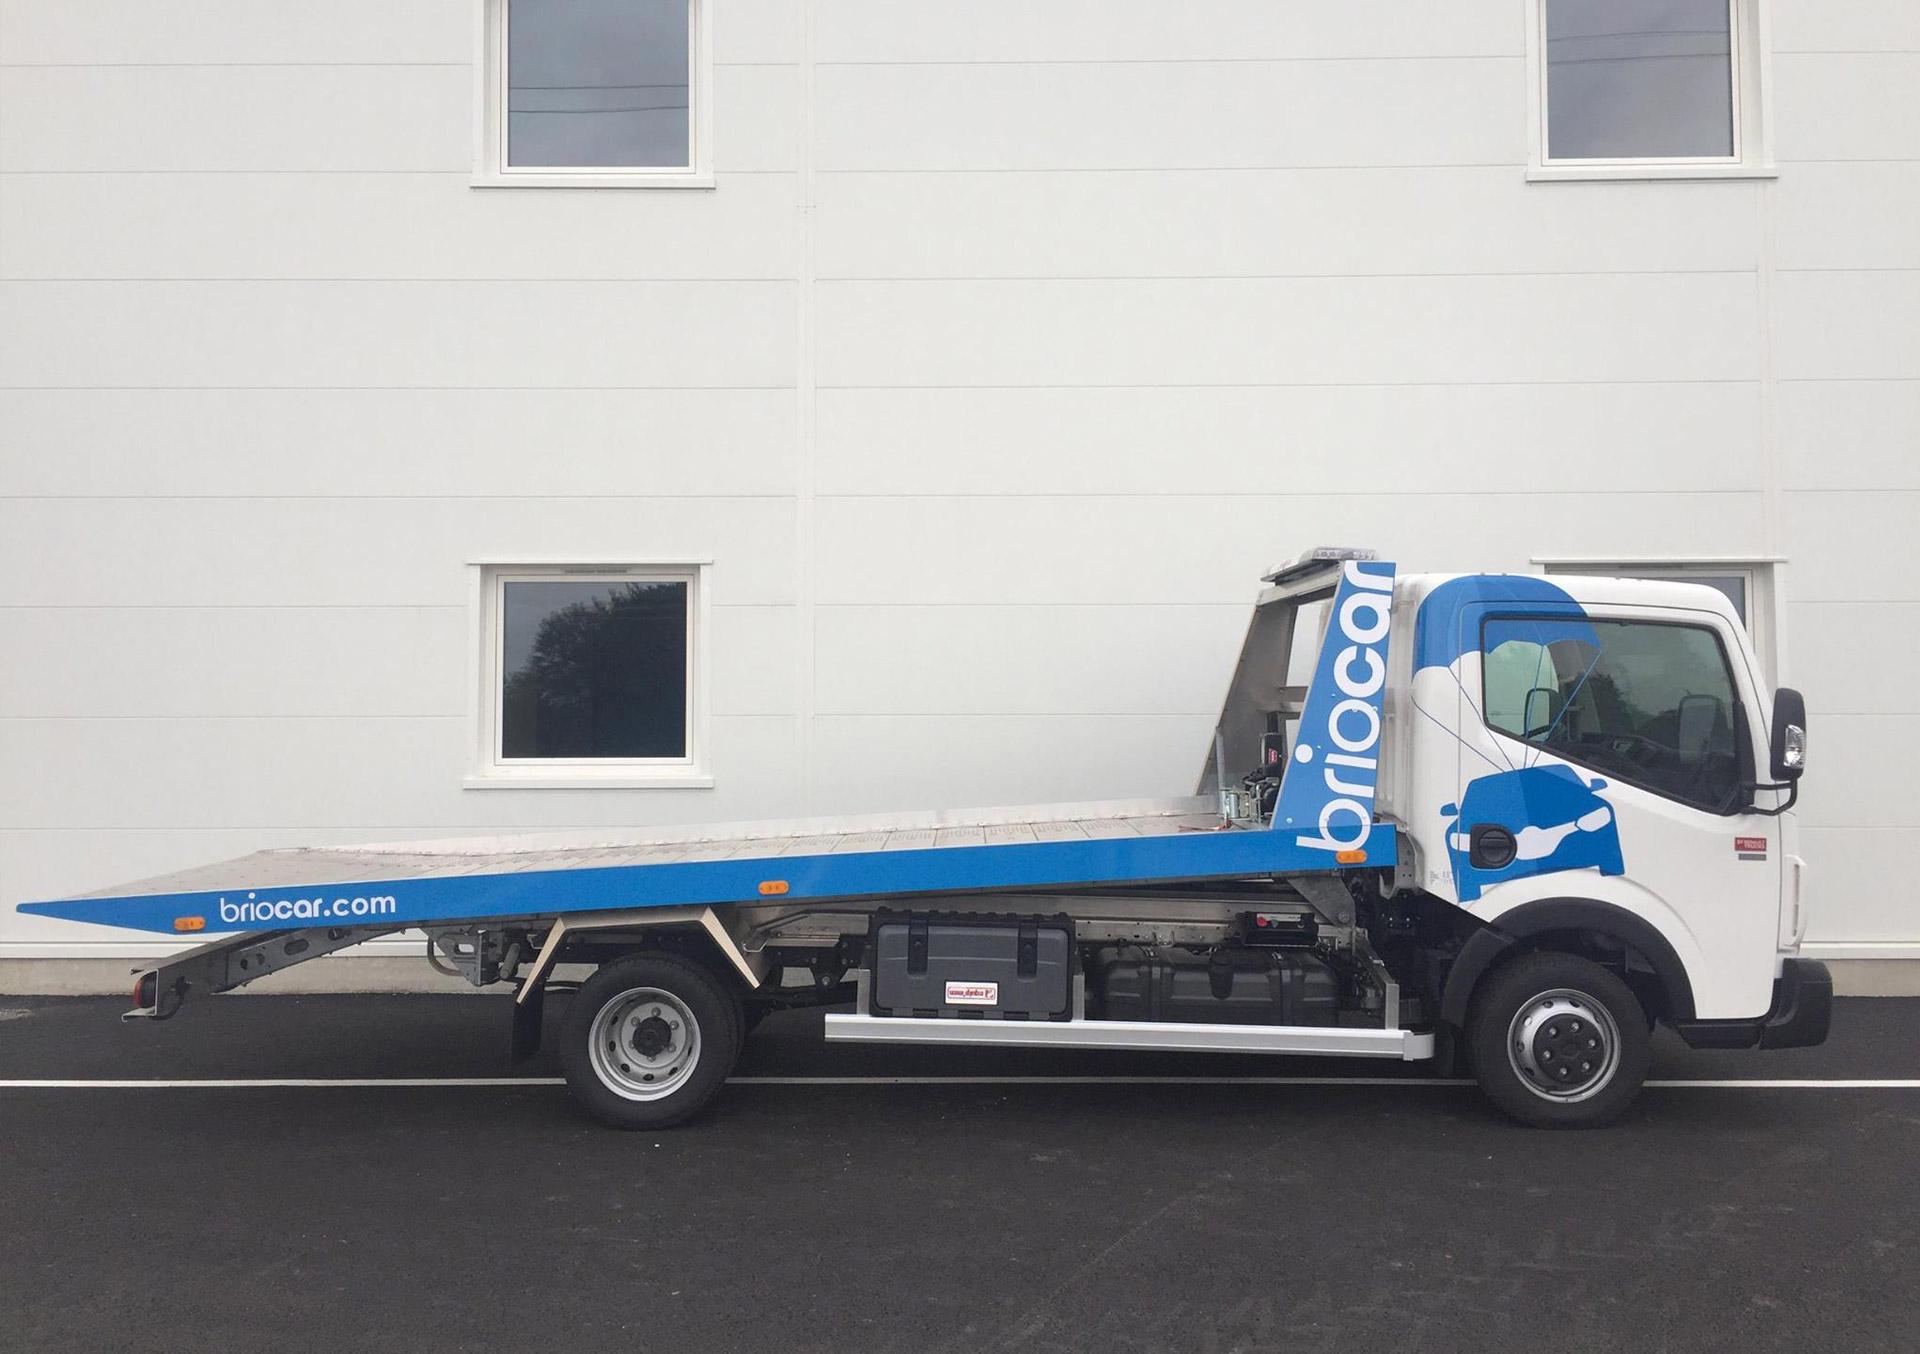 Identité visuelle, décoration du camion Briocar